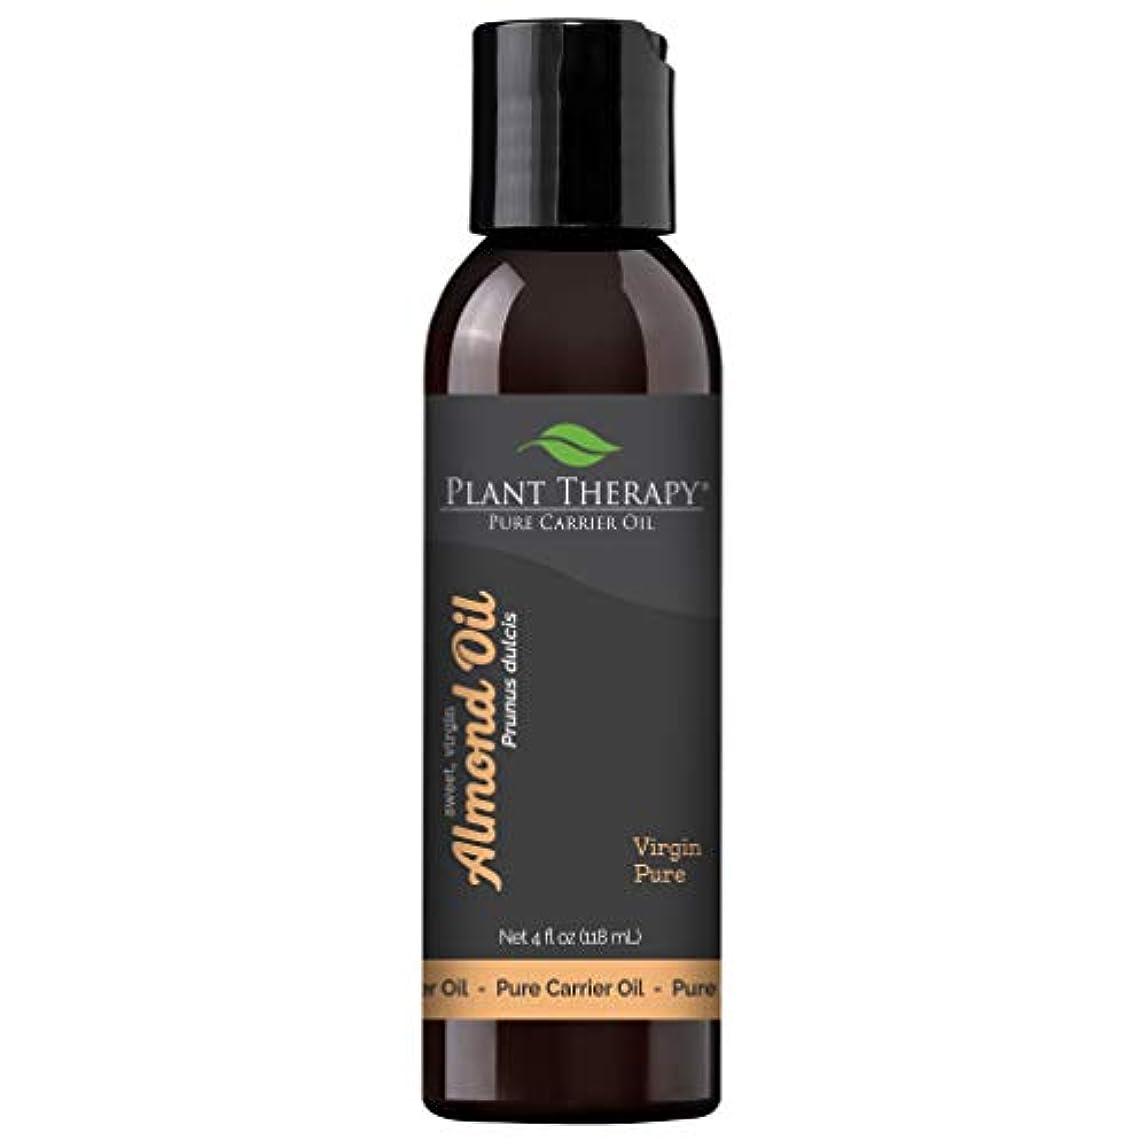 ウガンダペットメカニックAlmond Carrier Oil (Virgin, Sweet). 2 oz. A base for Aromatherapy, Essential Oils or Massage.